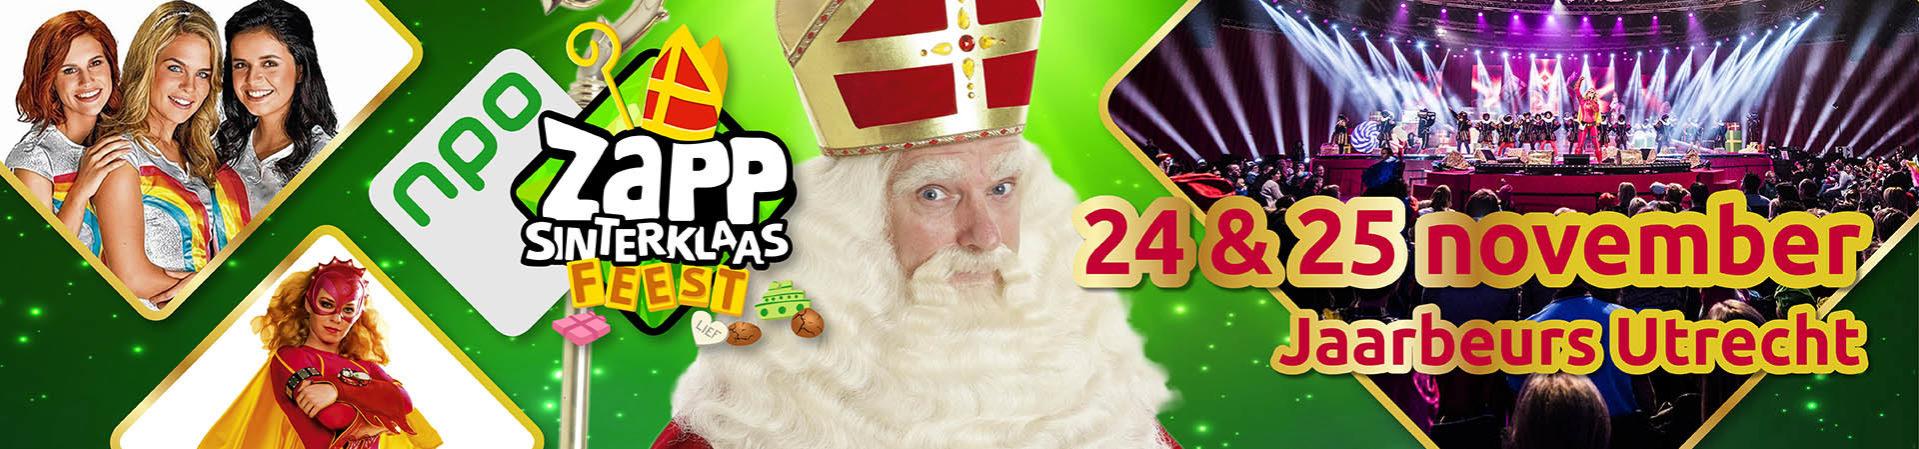 ZAPP Sinterklaasfeest 2018 1920x450